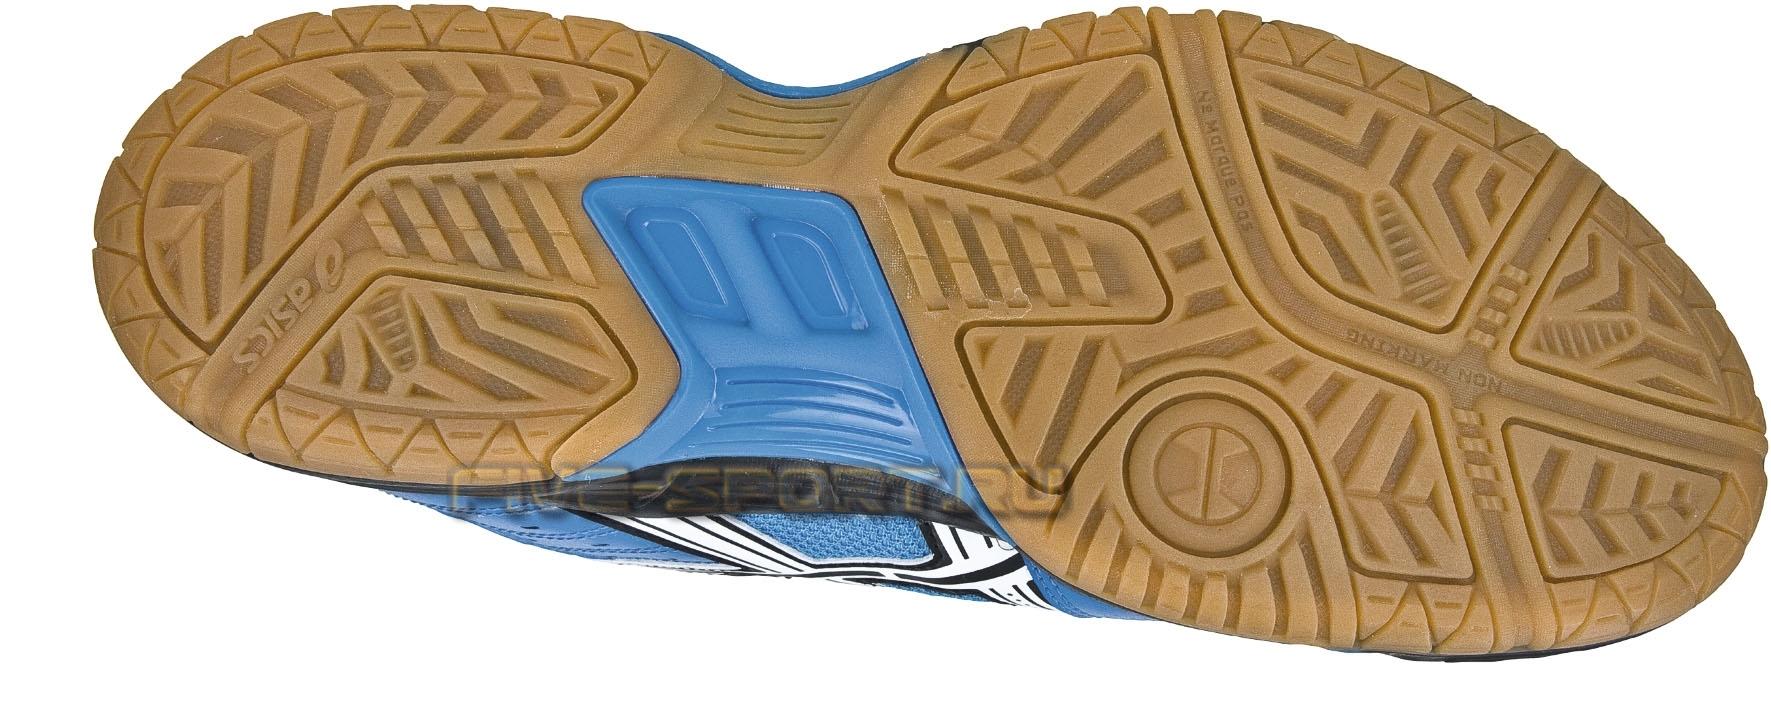 Asics Gel-Squad кроссовки для гандбола - 2